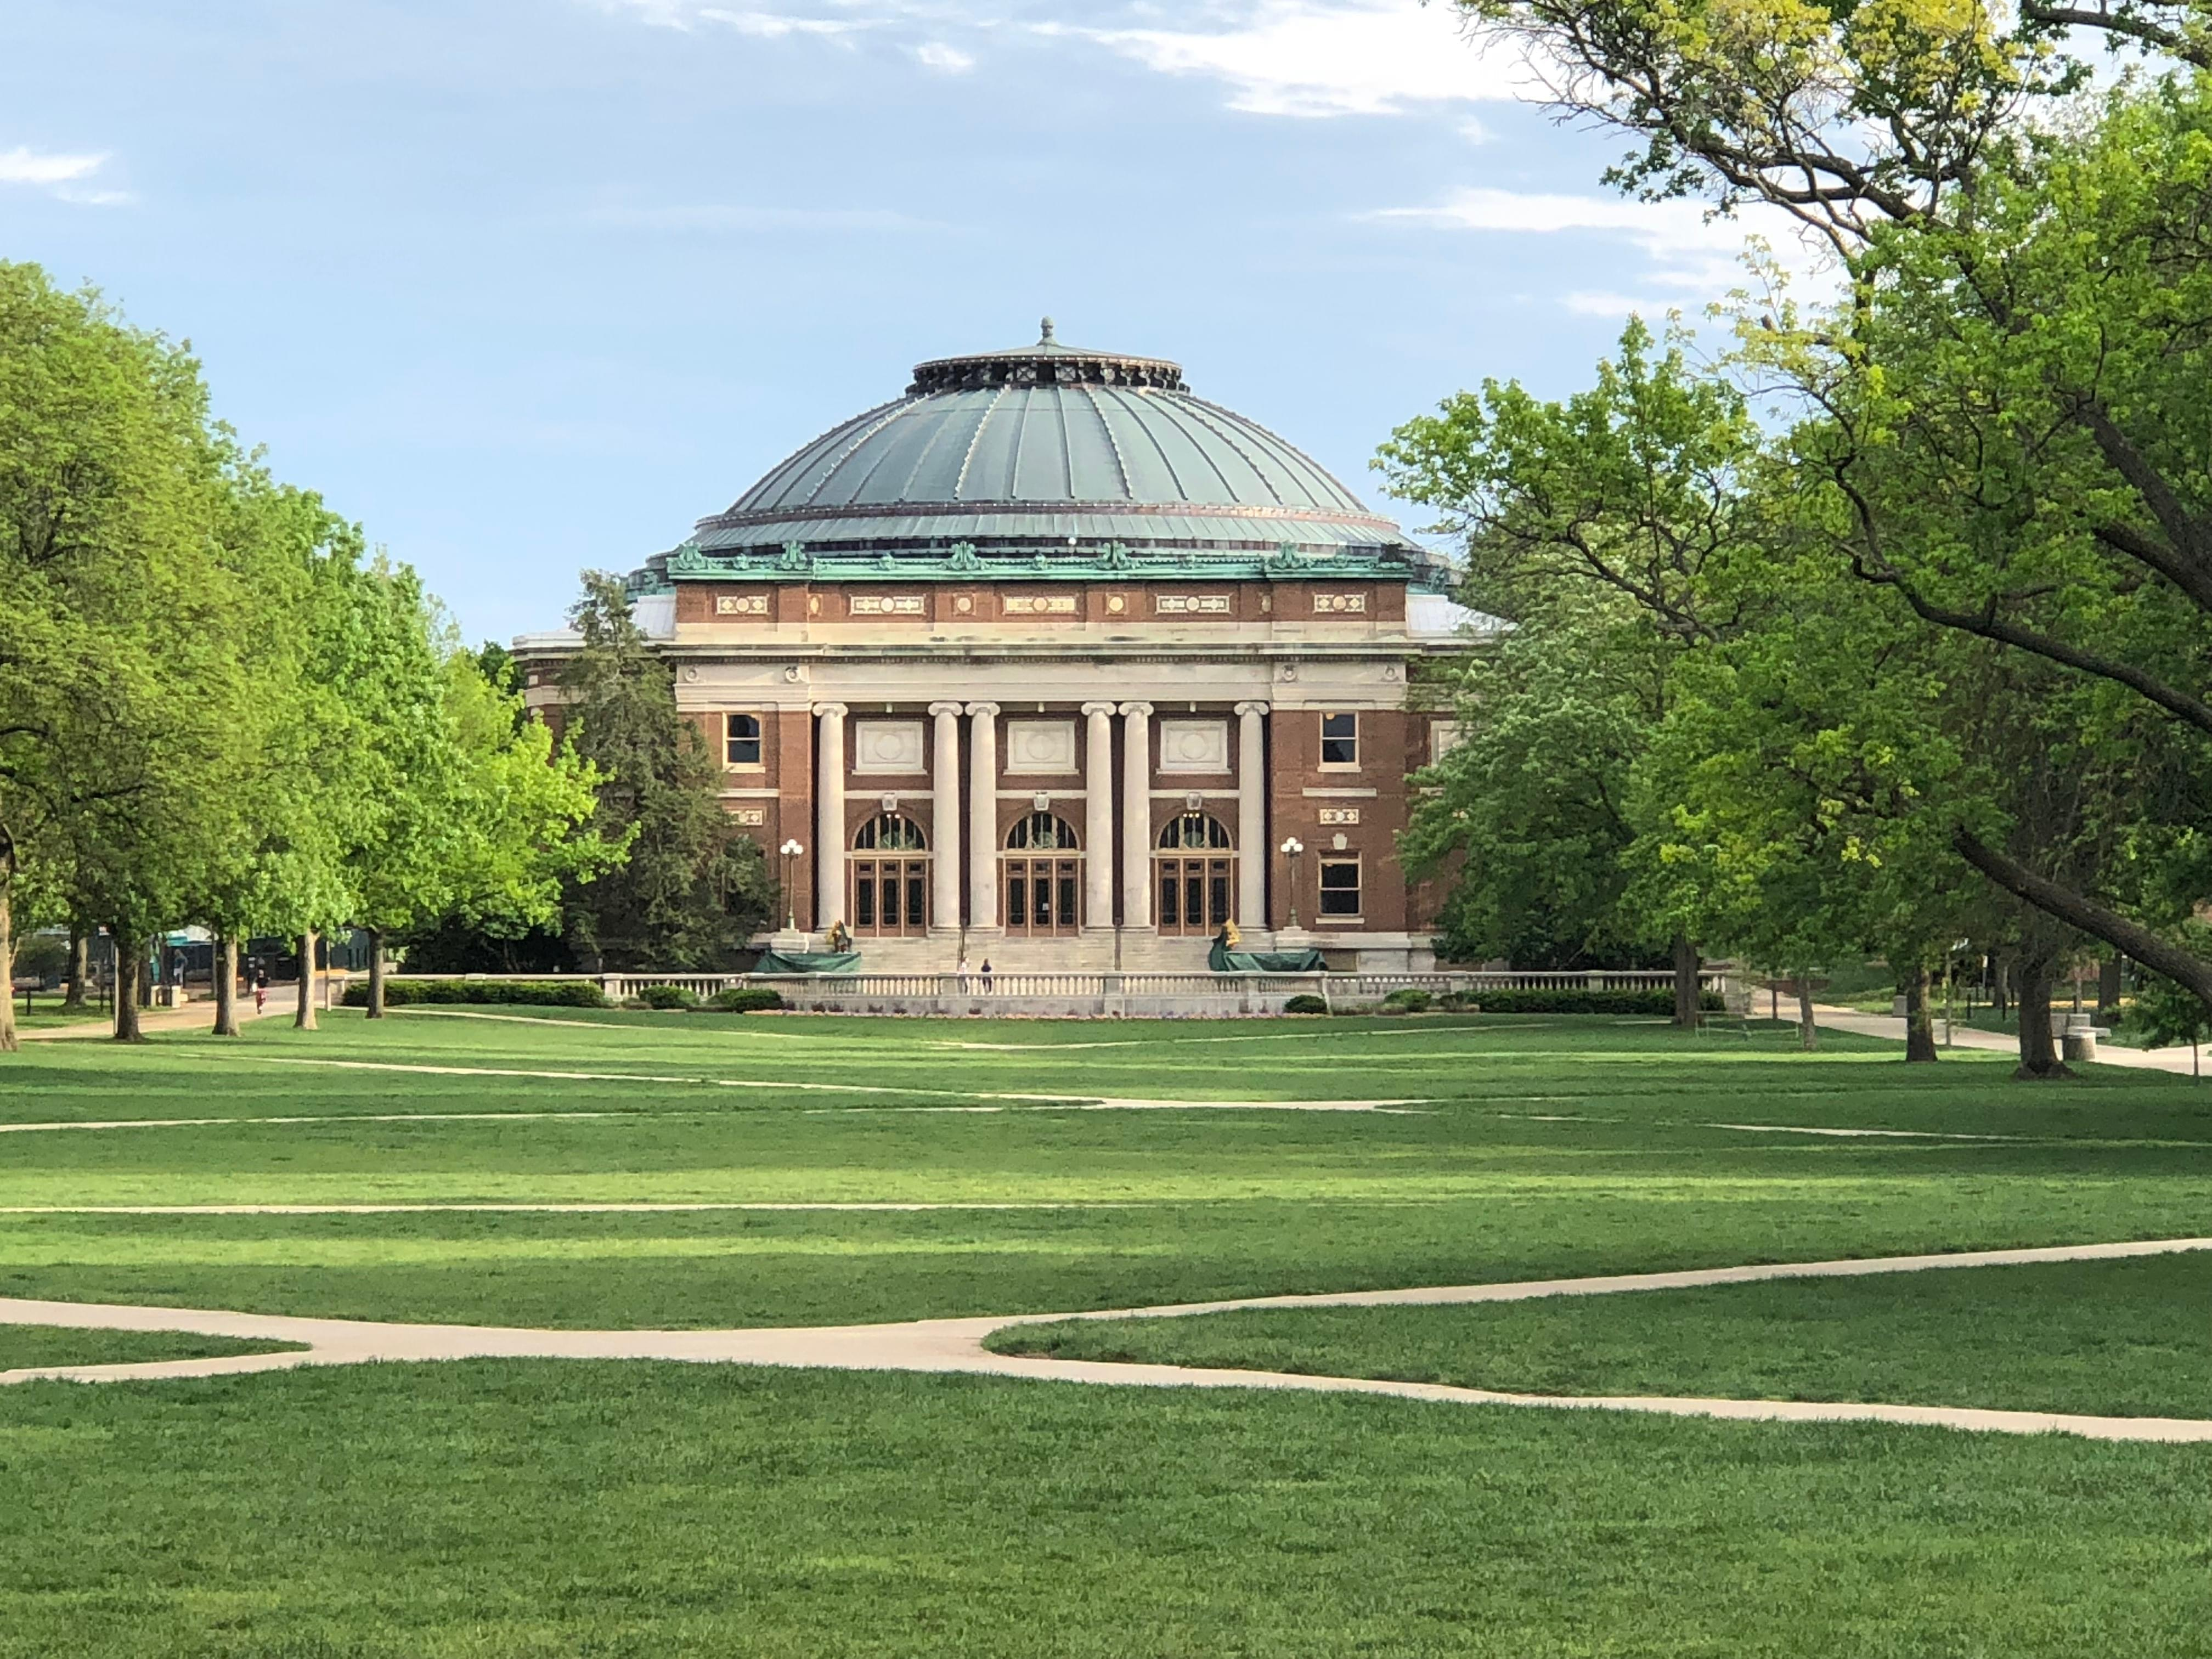 The University of Illinois.